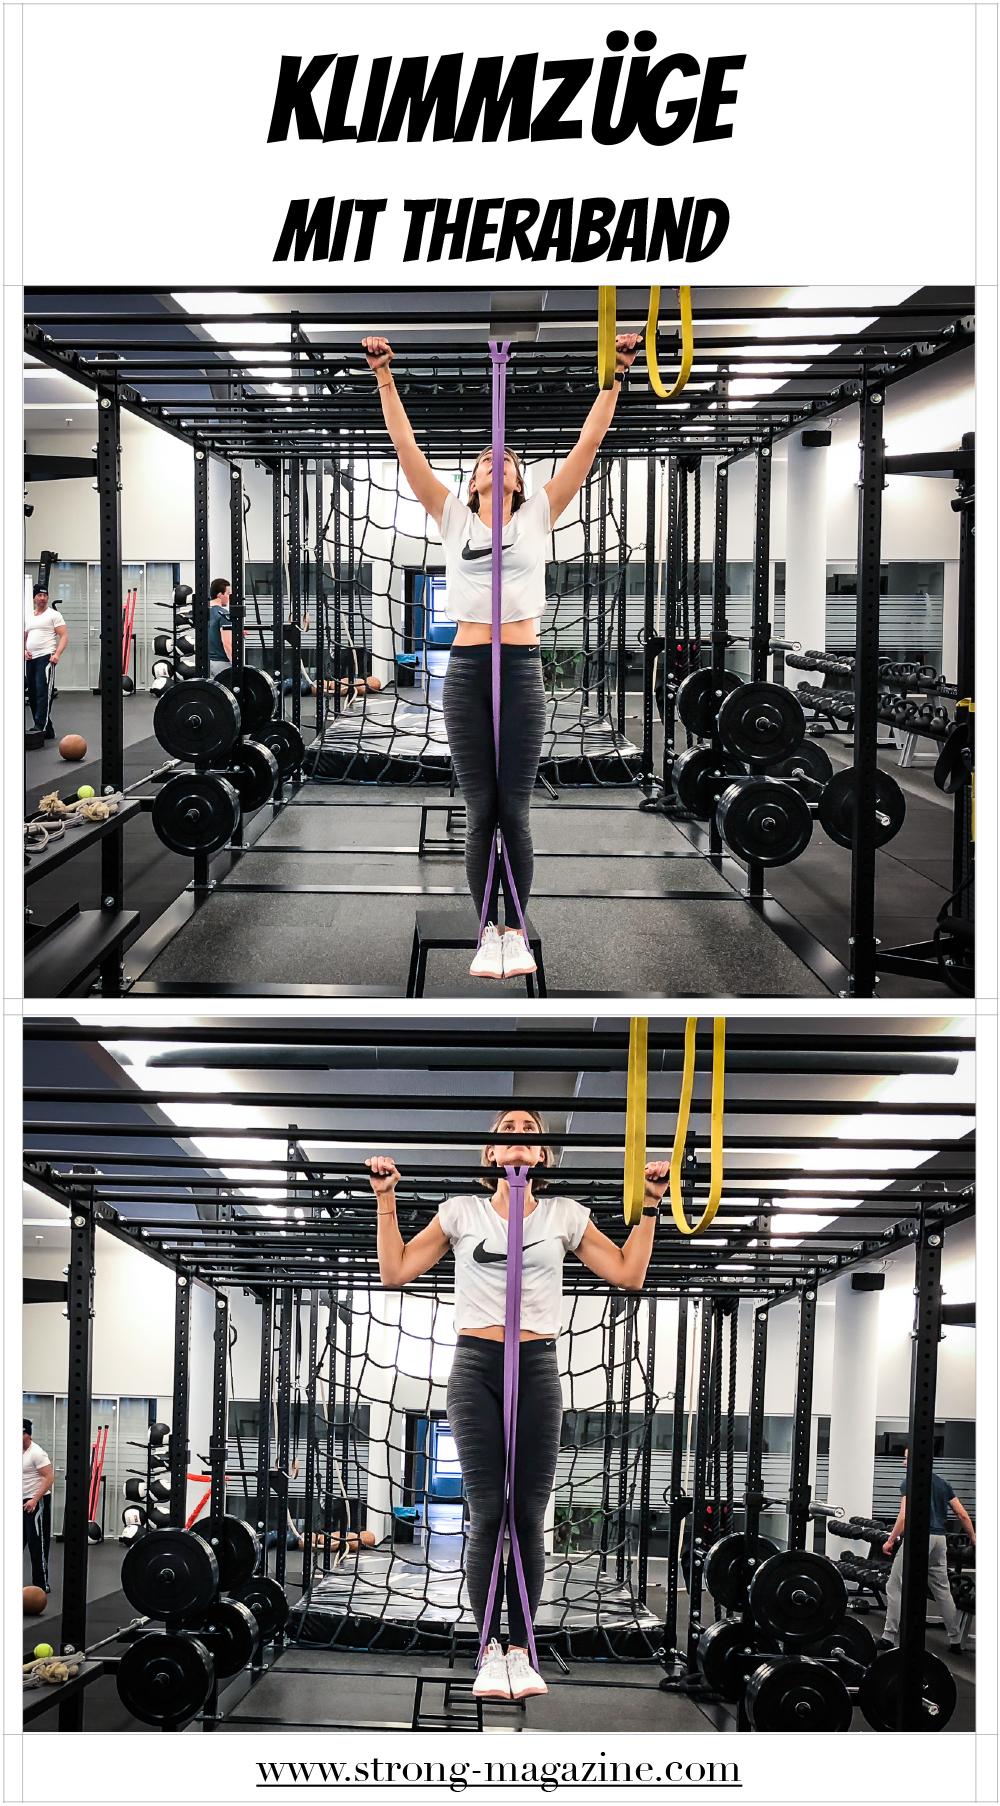 Fitnessübung für die Schultern: Klimmzüge mit Theraband - Anleitung